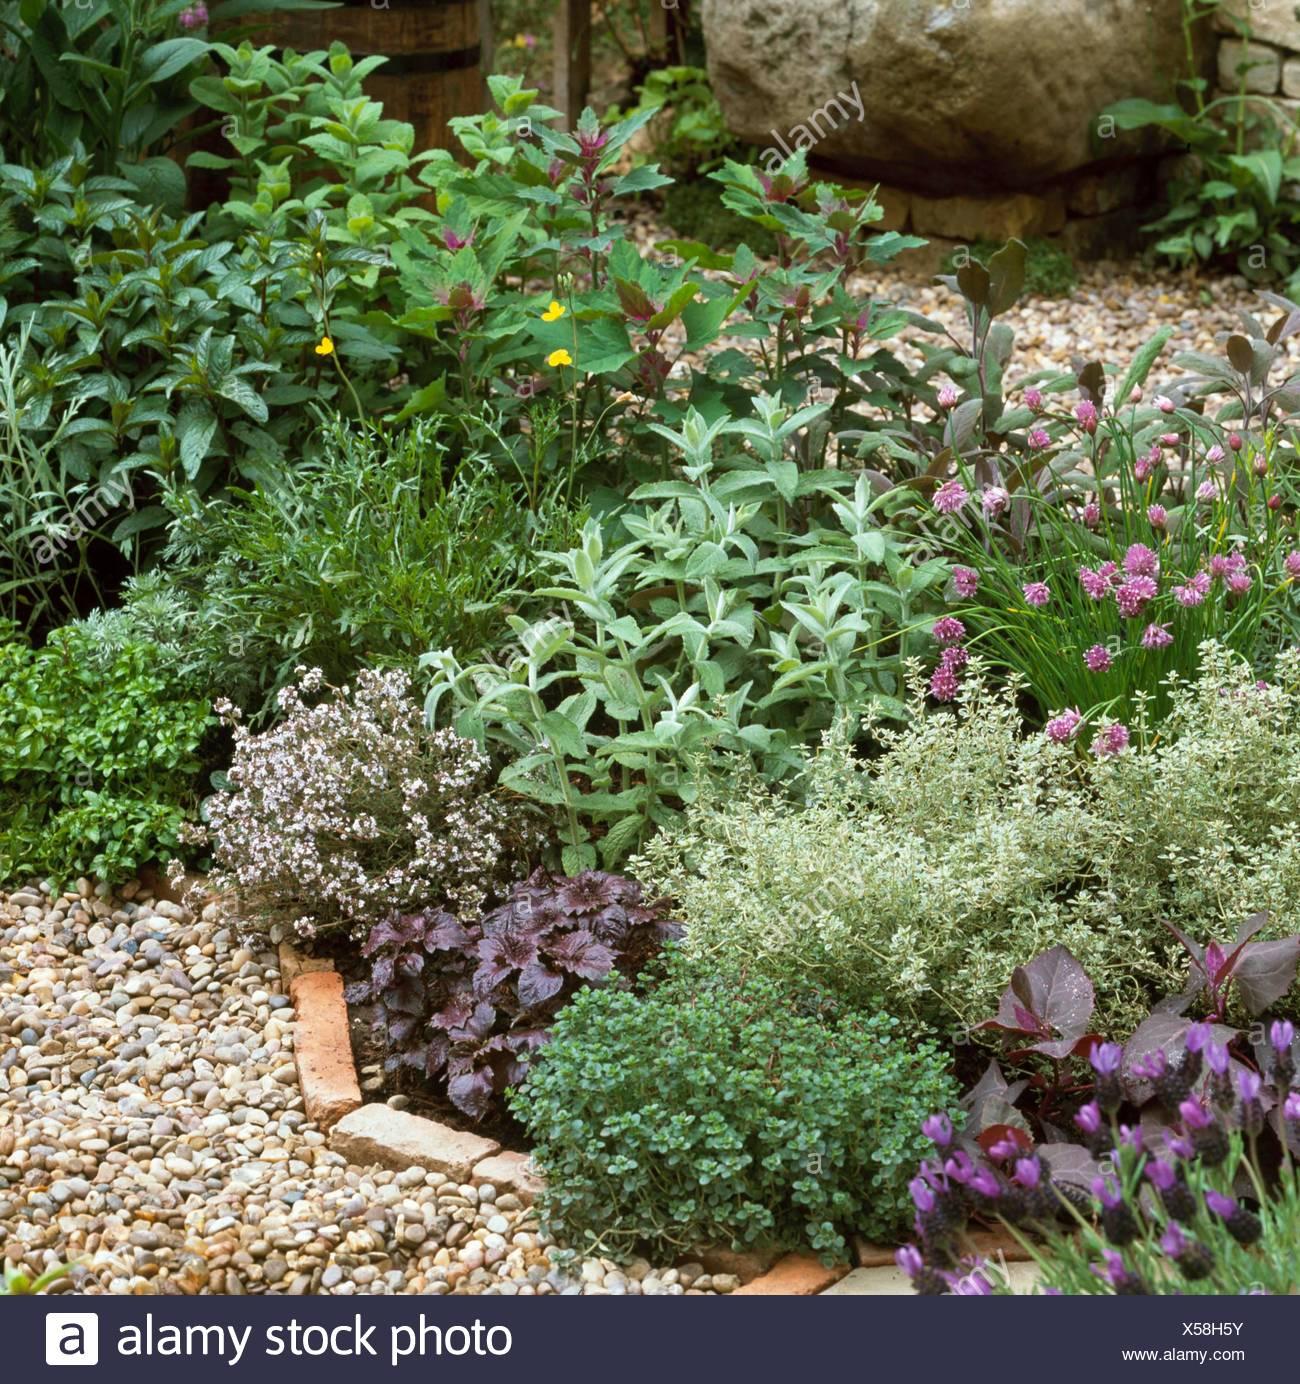 Etonnant Herbgarden Stock Photos U0026 Herbgarden Stock Images   Alamy